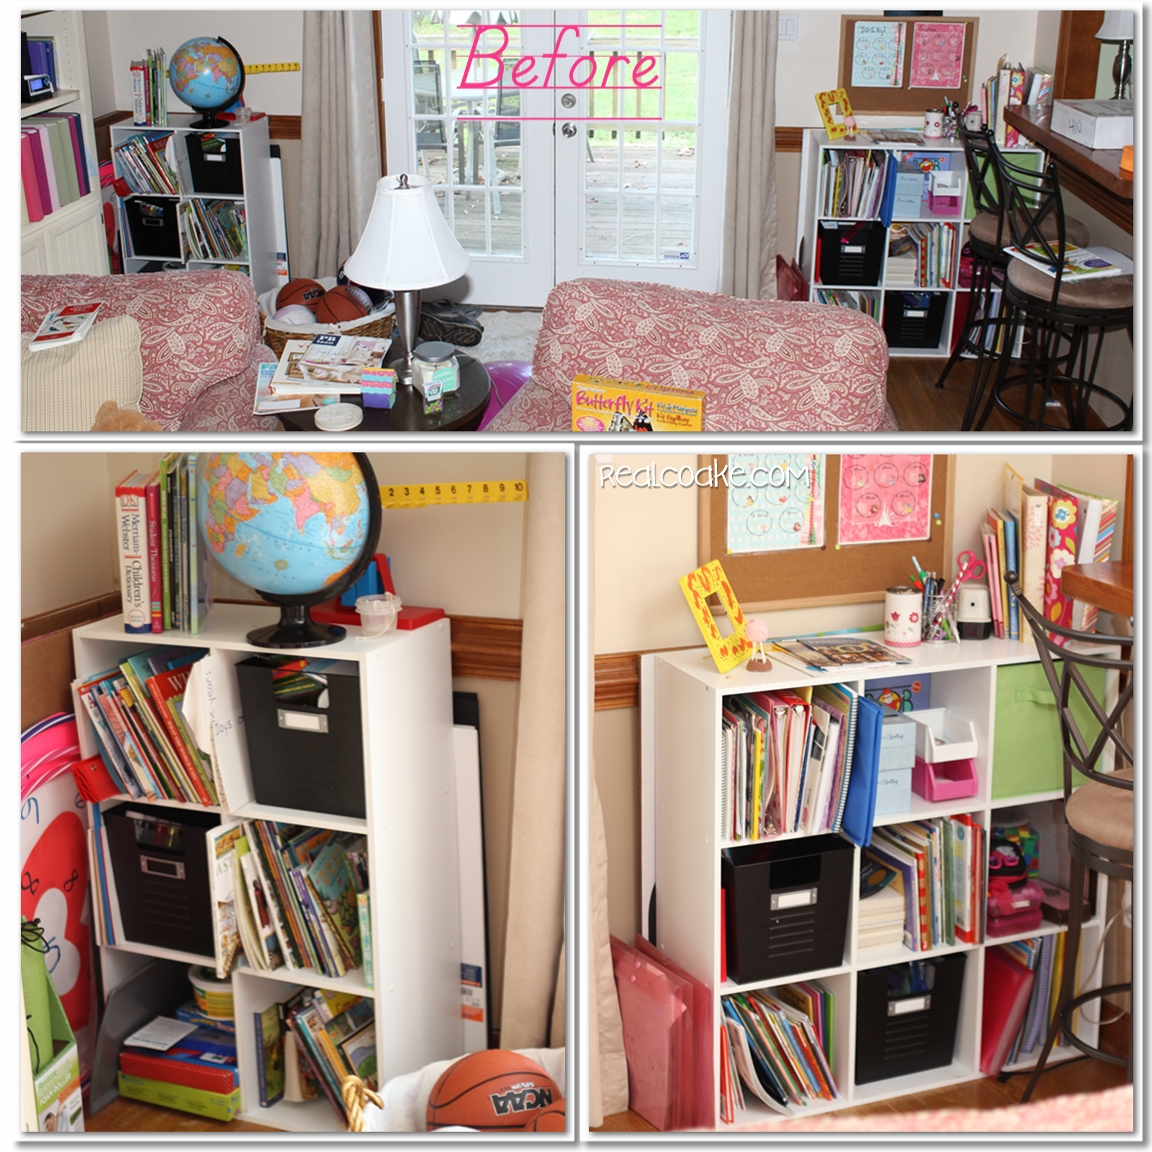 Homeschool Organization ~Our Newly Organized School 'room